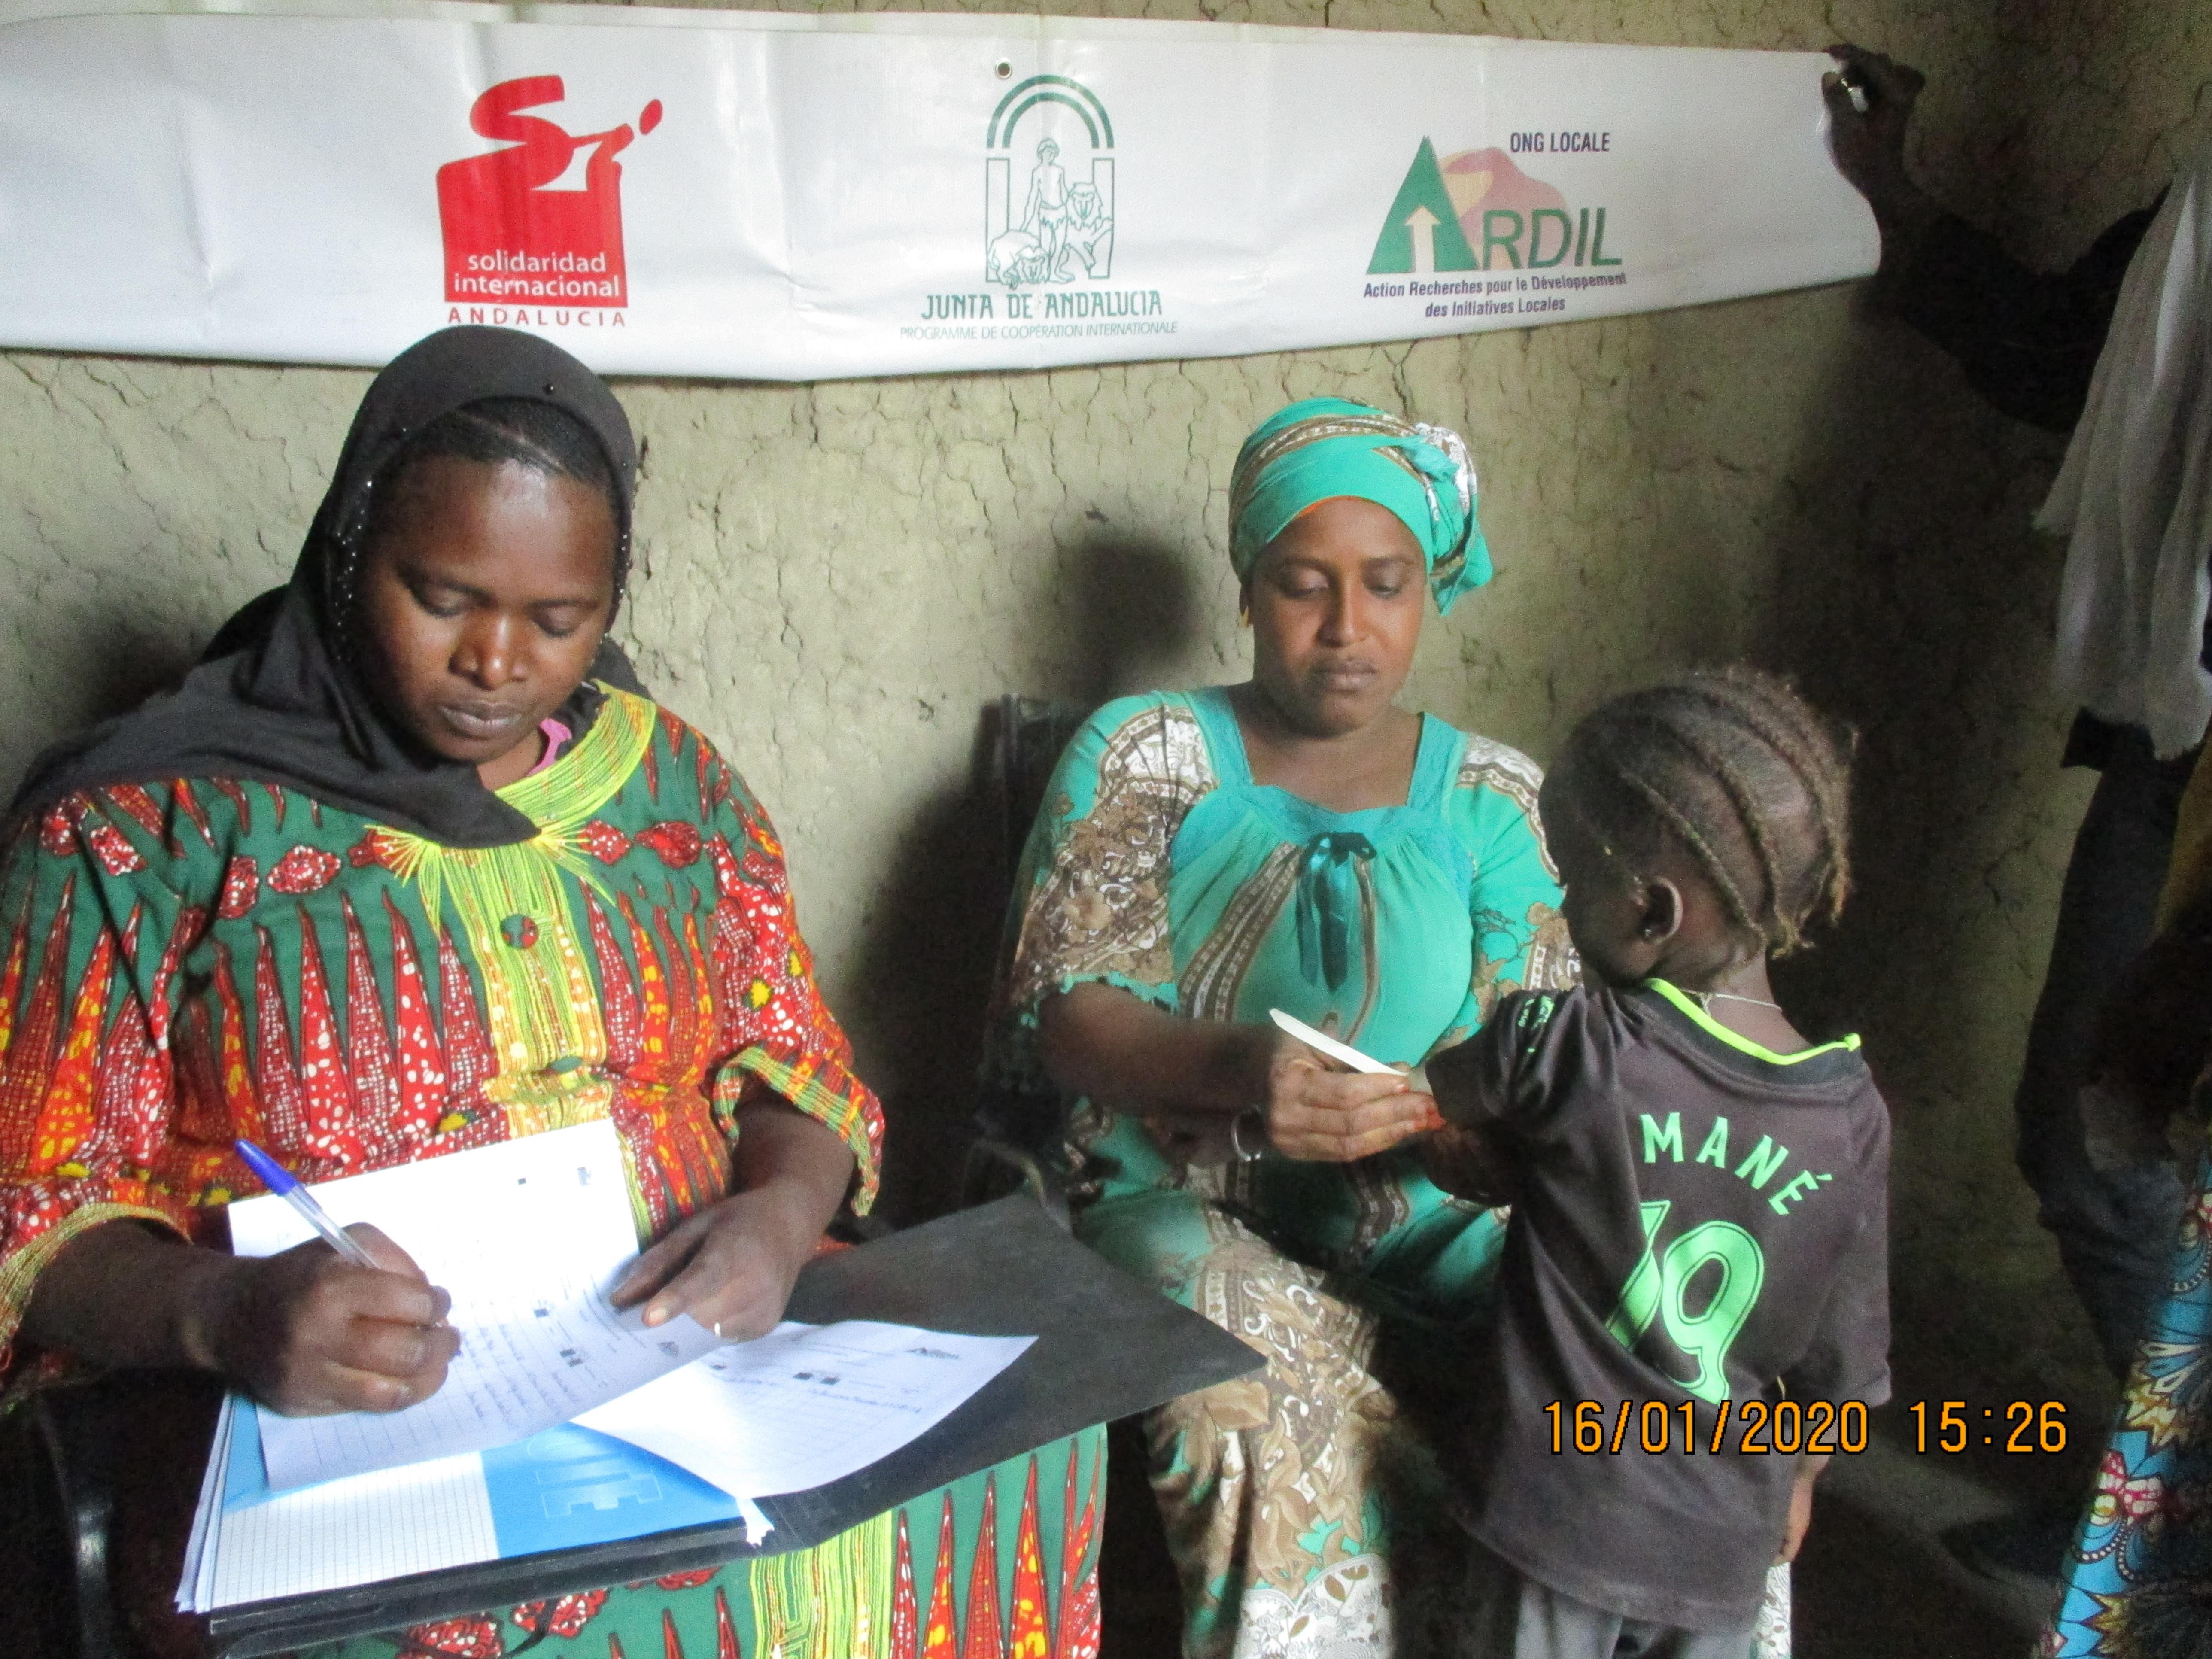 Acción humanitaria de lucha contra la malnutrición de las comunidades afectadas por la crisis de seguridad crónica en la región de Tombuctú, Mali